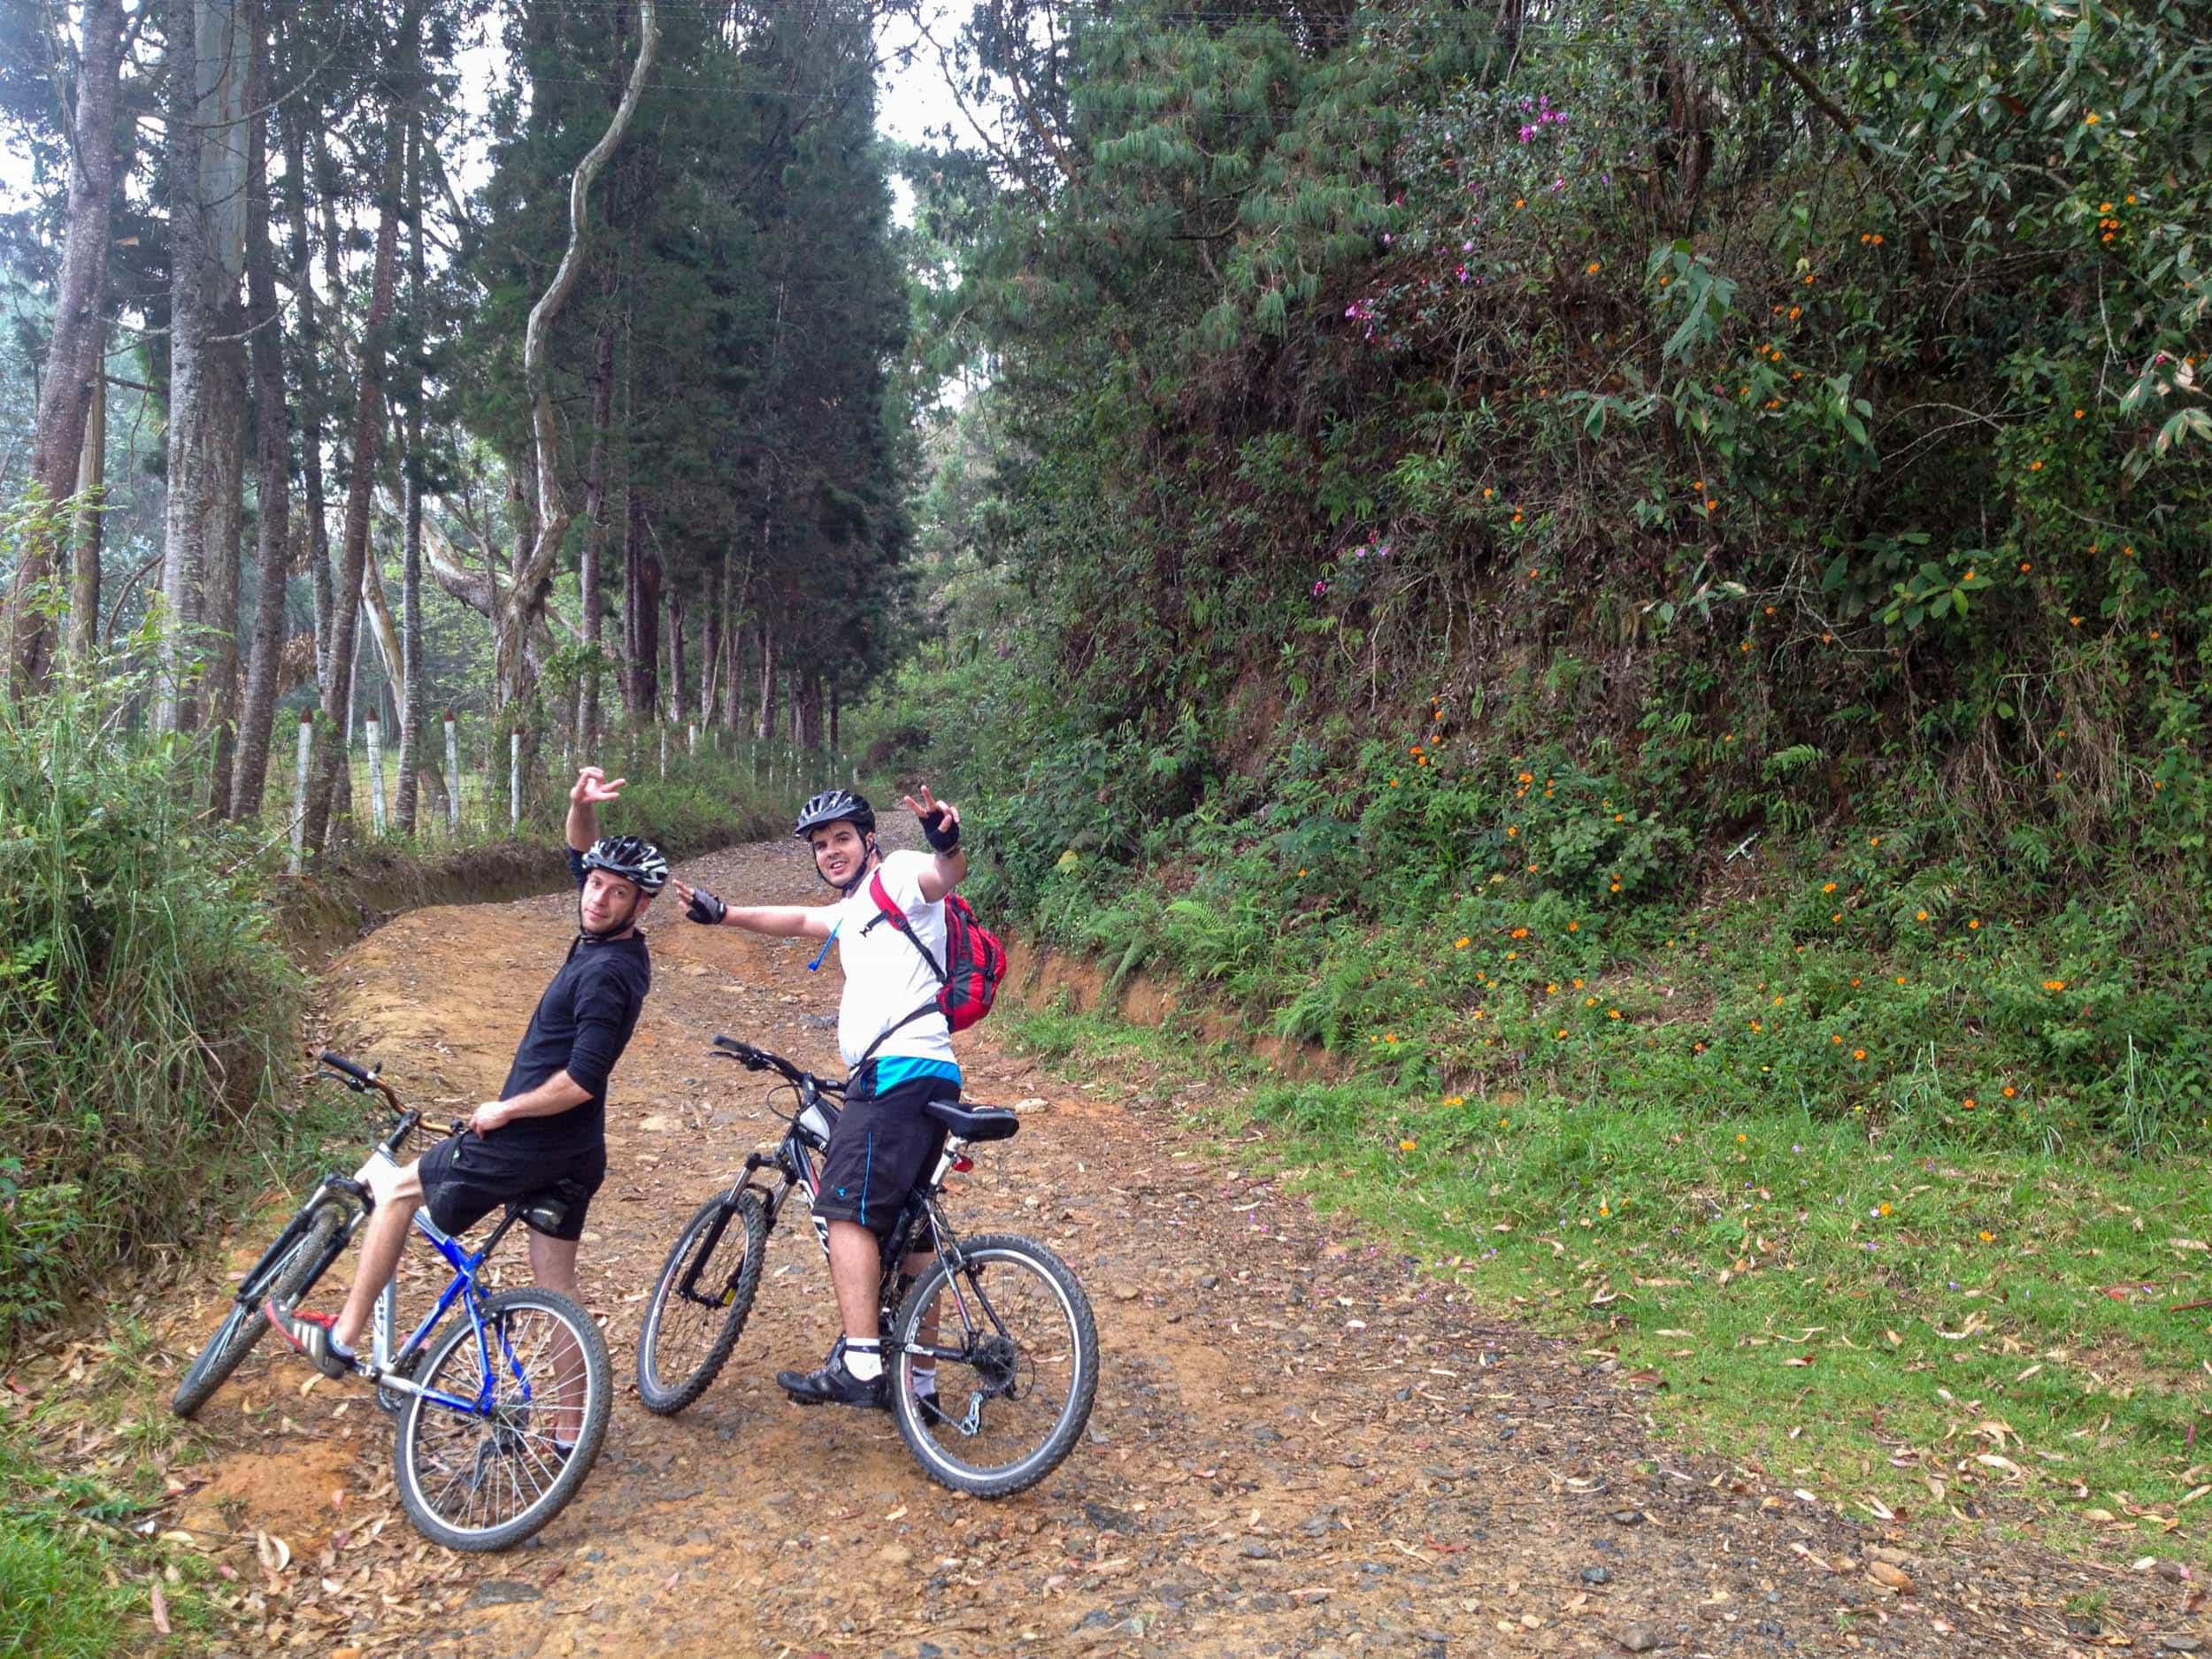 Colombian mountain biking guides